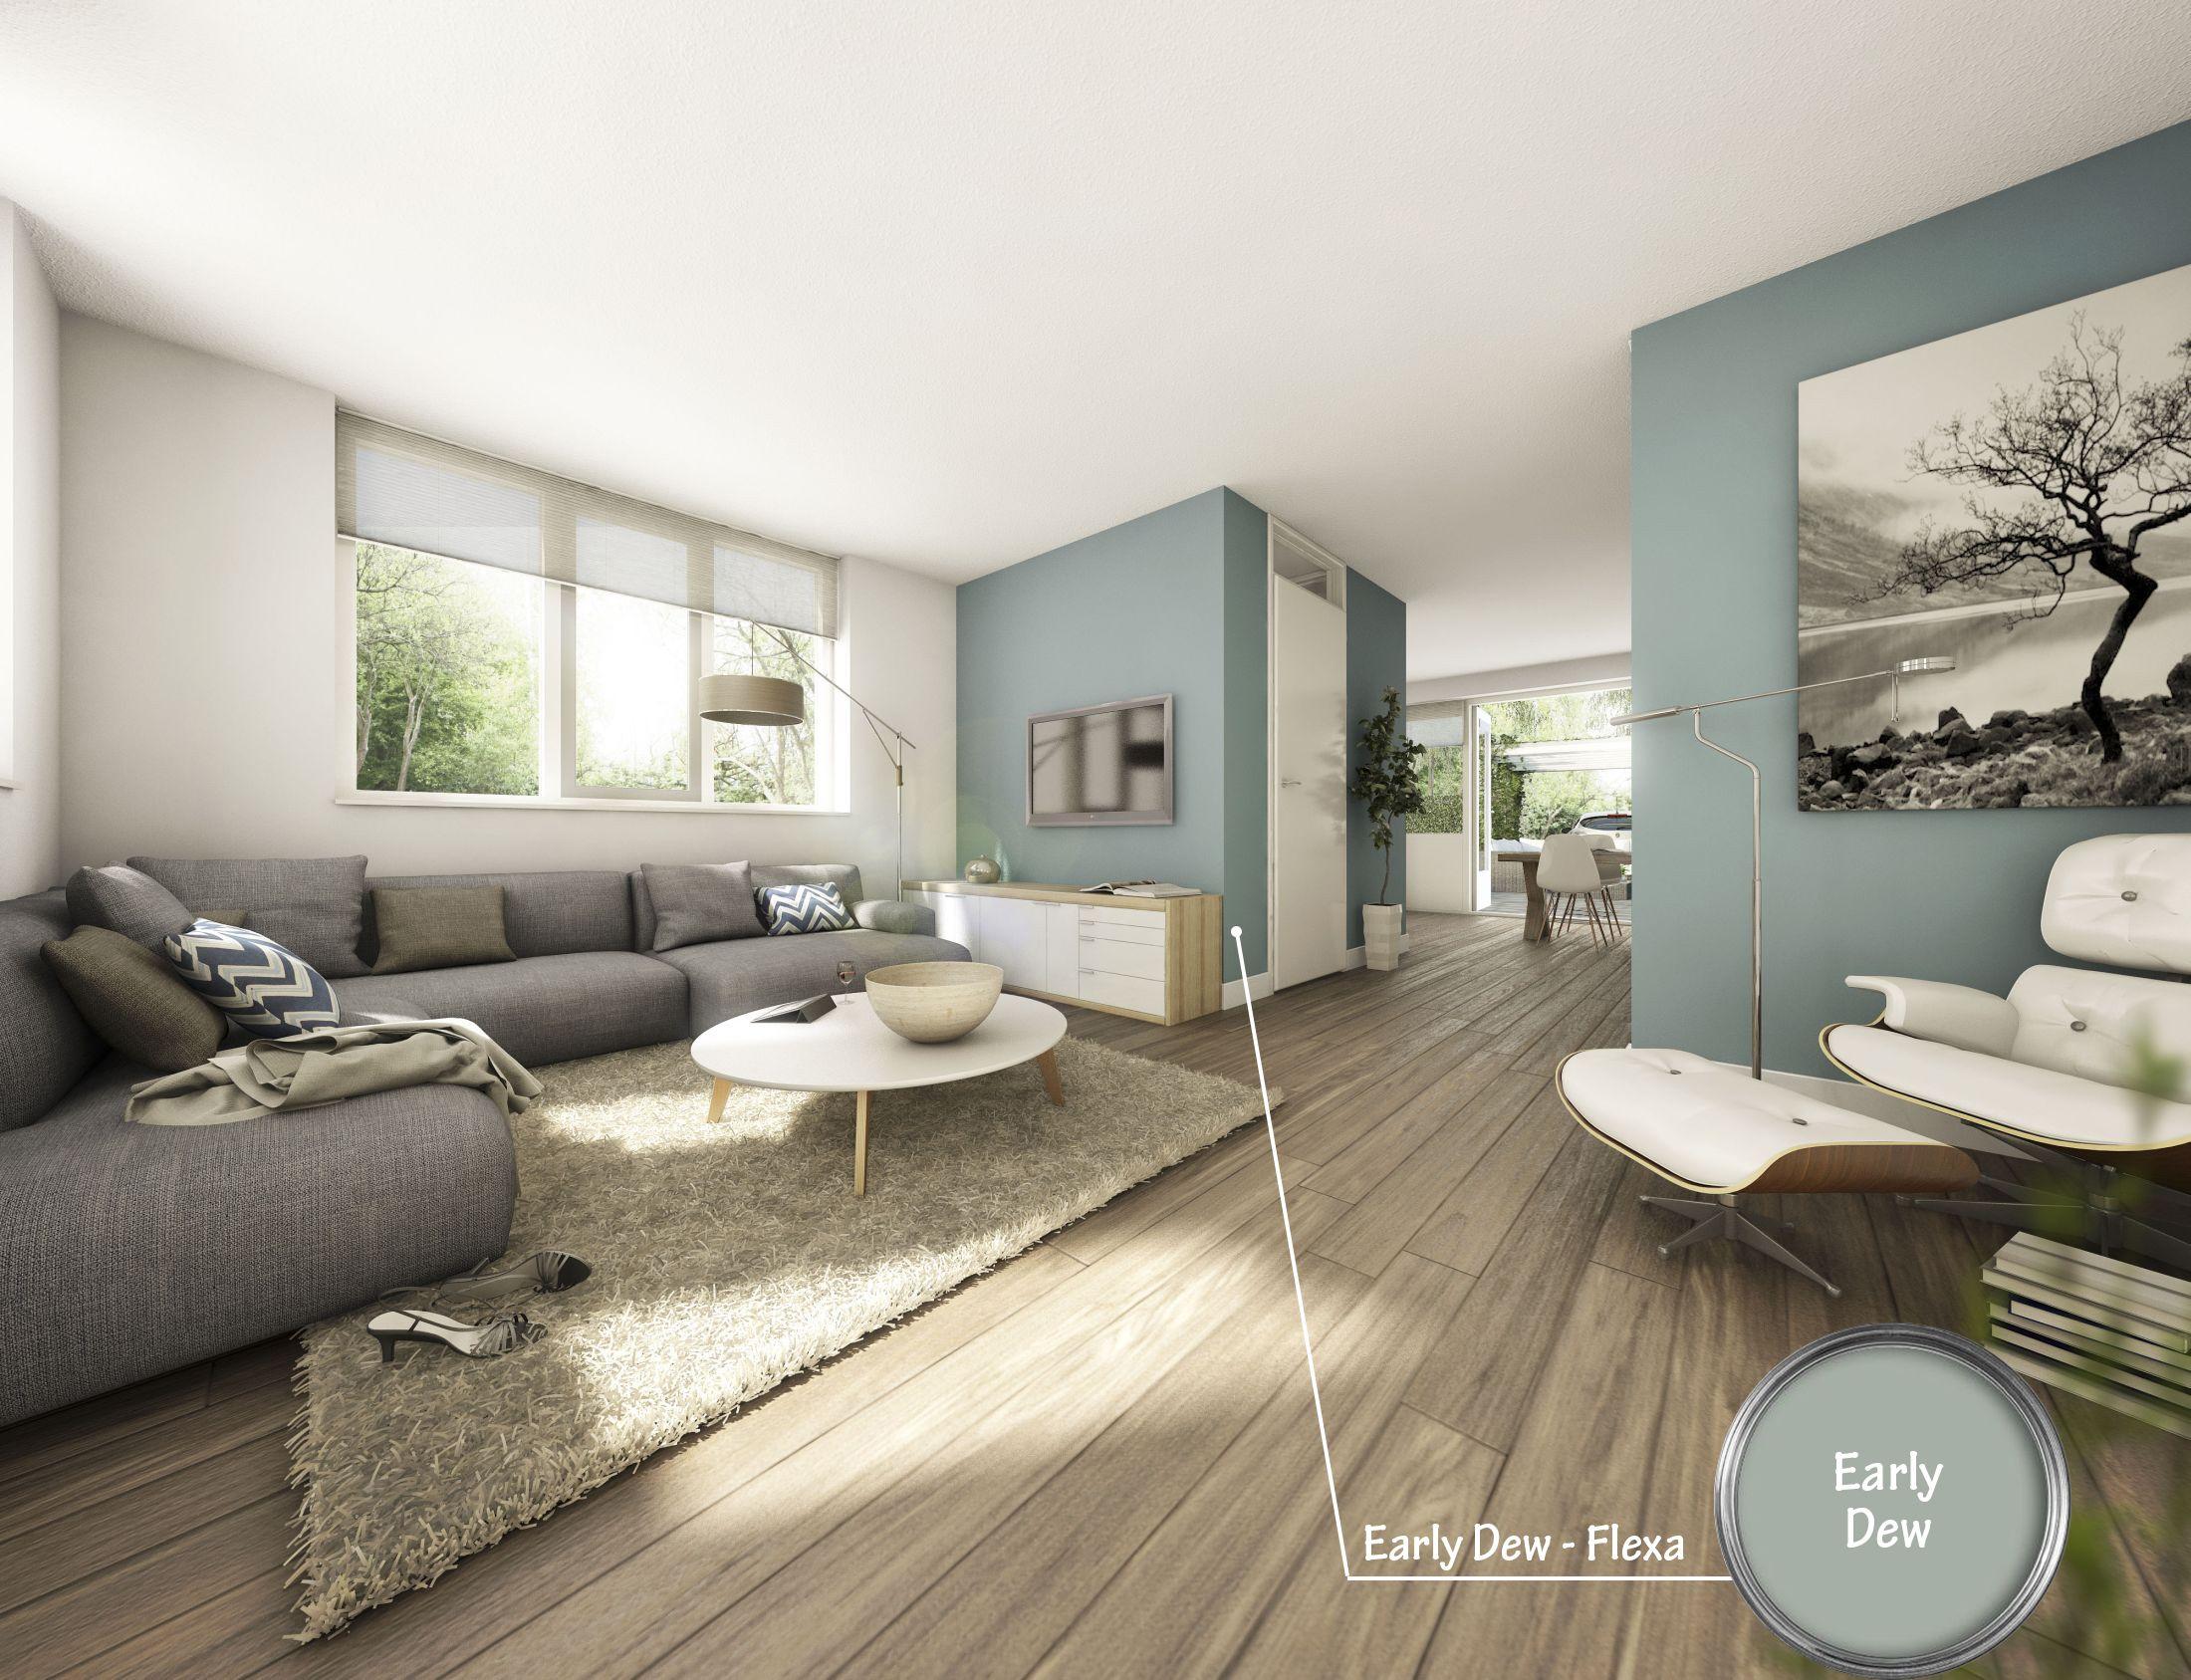 Frisse woonkamer met prachtige kleur Early Dew van Flexa